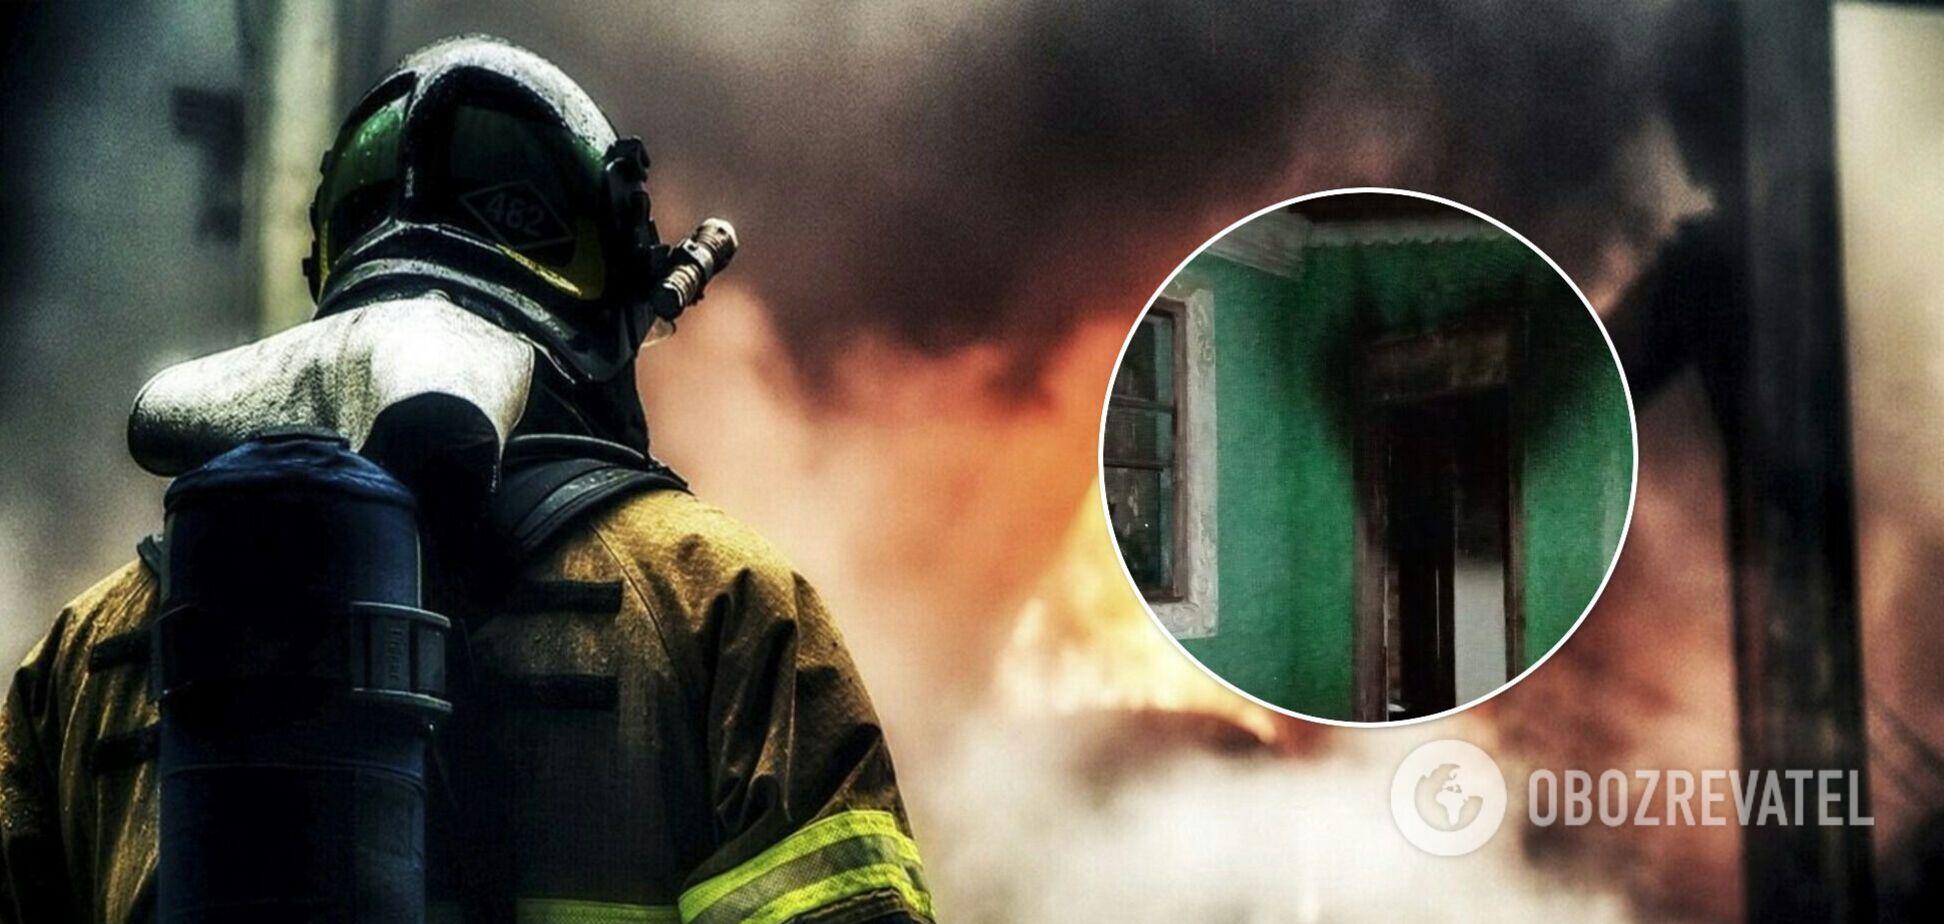 На Одещині підлітки для розваги підпалили будинок багатодітного батька-одинака. Фото